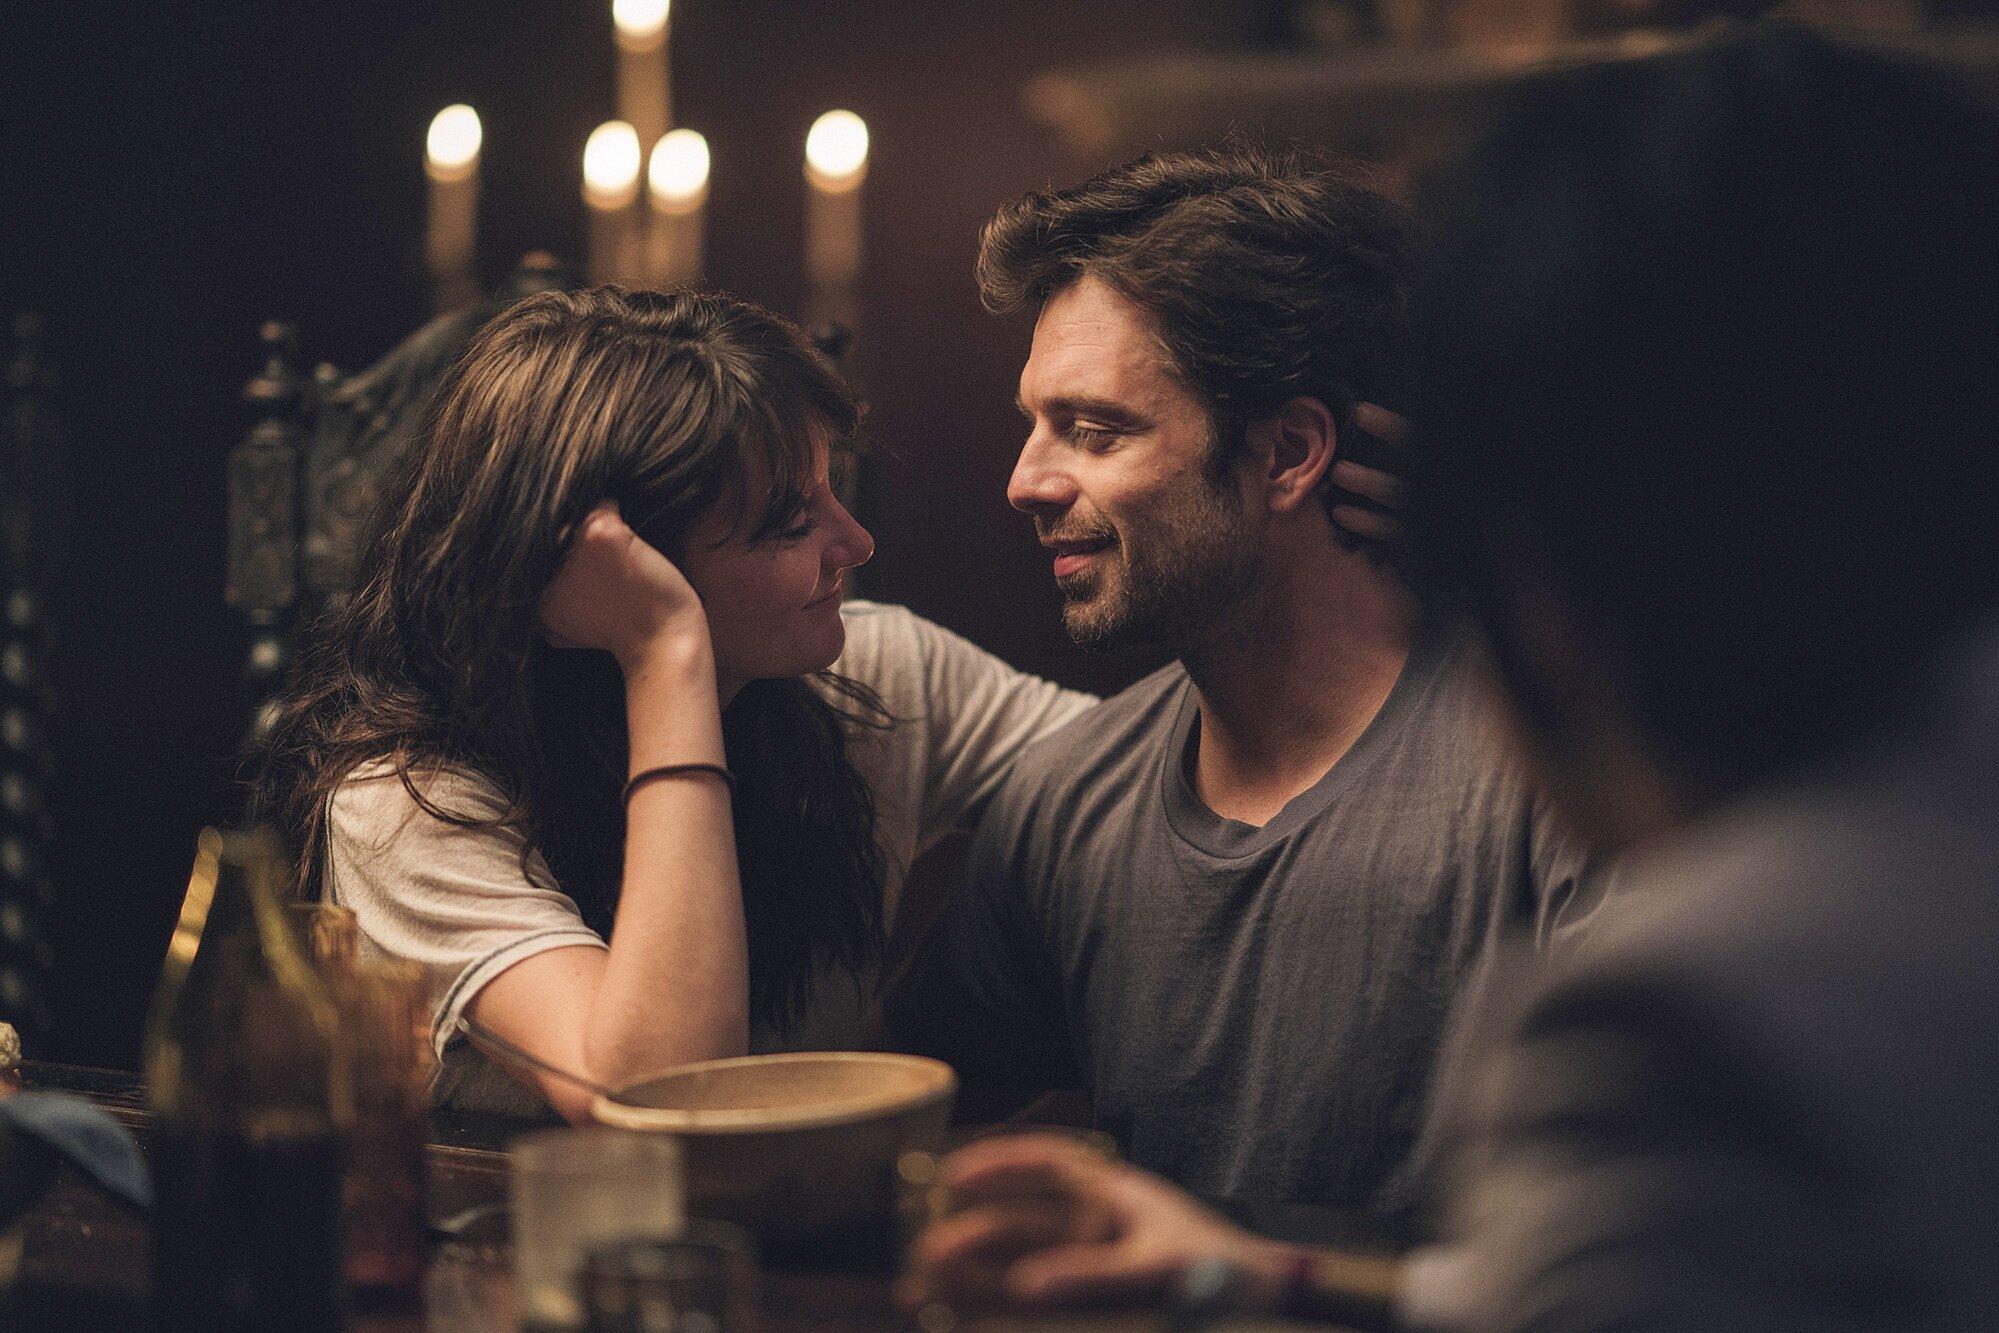 Shailene Woodley, Sebastian Stan discuss their Endings Beginnings chemistry | EW.com